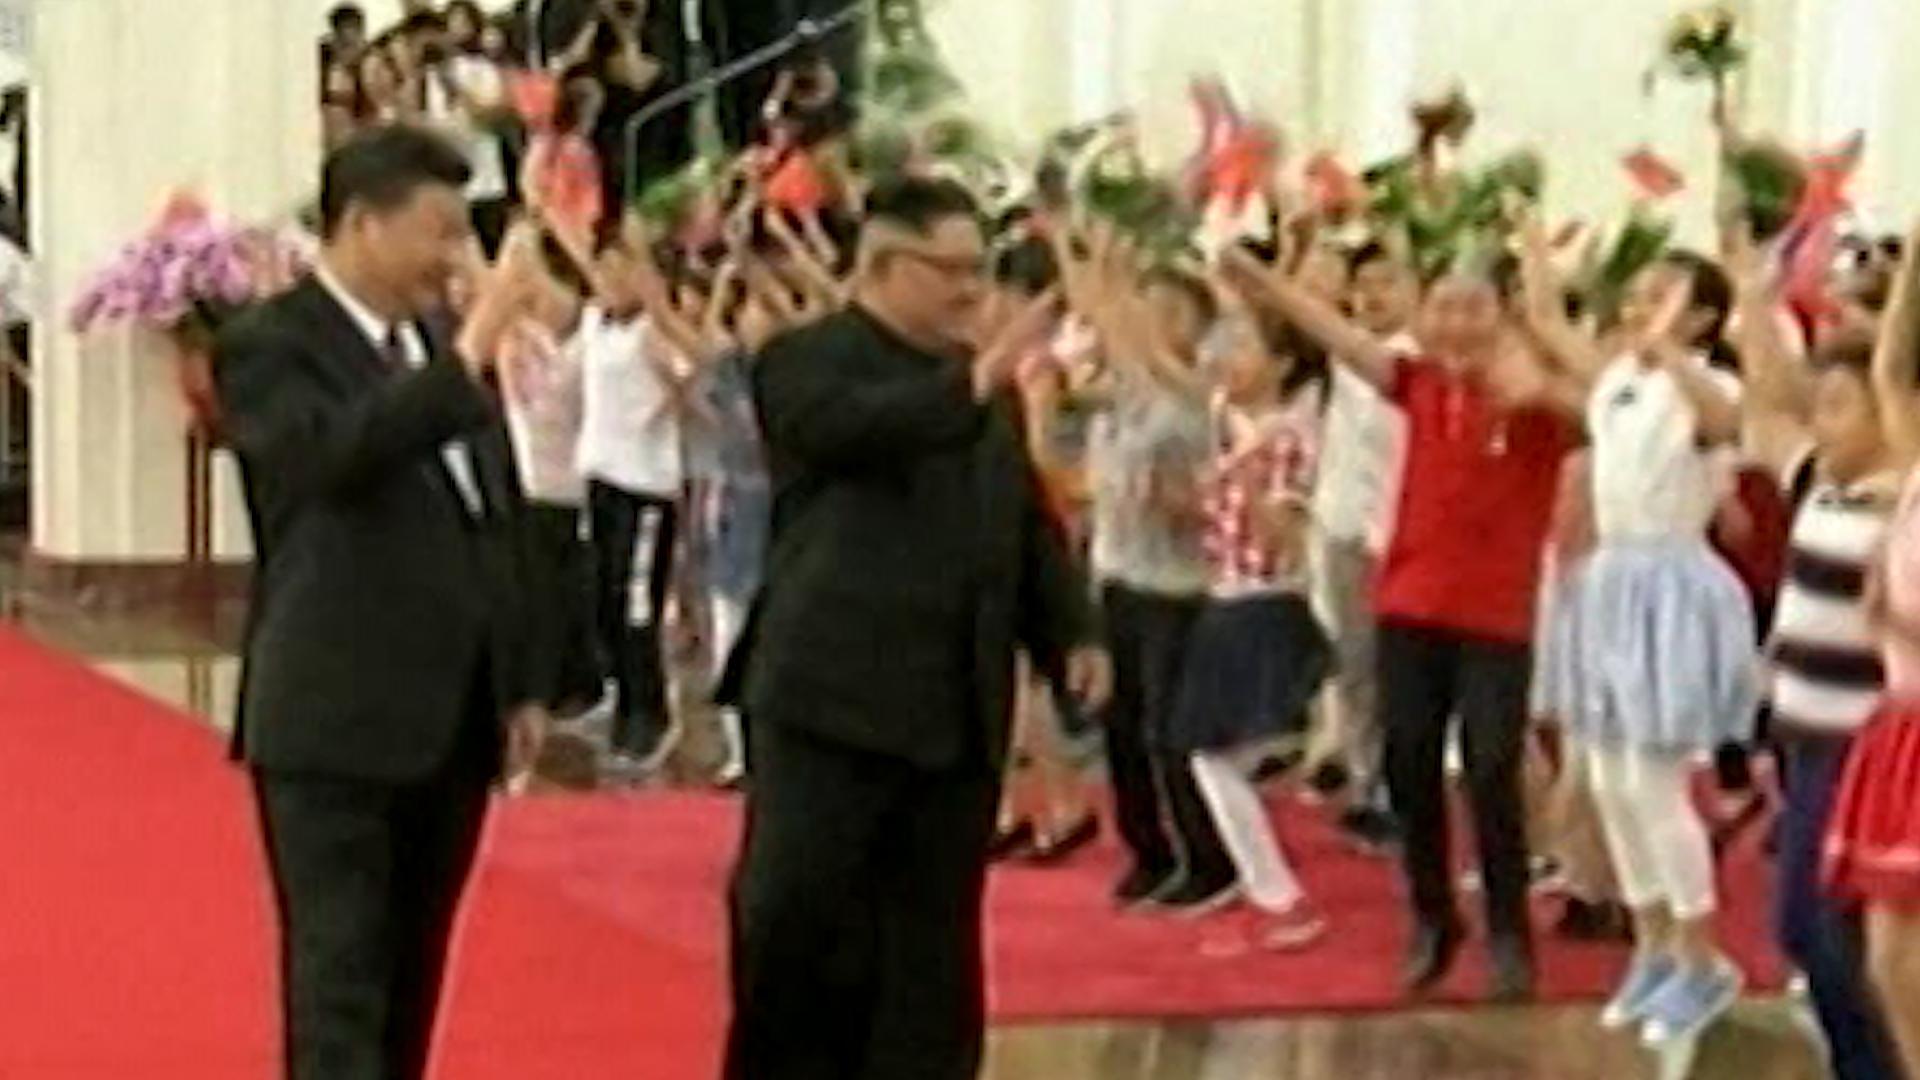 Hasil gambar untuk North Korea's Kim Jong Un Calls For Step-By-Step Denuclearization